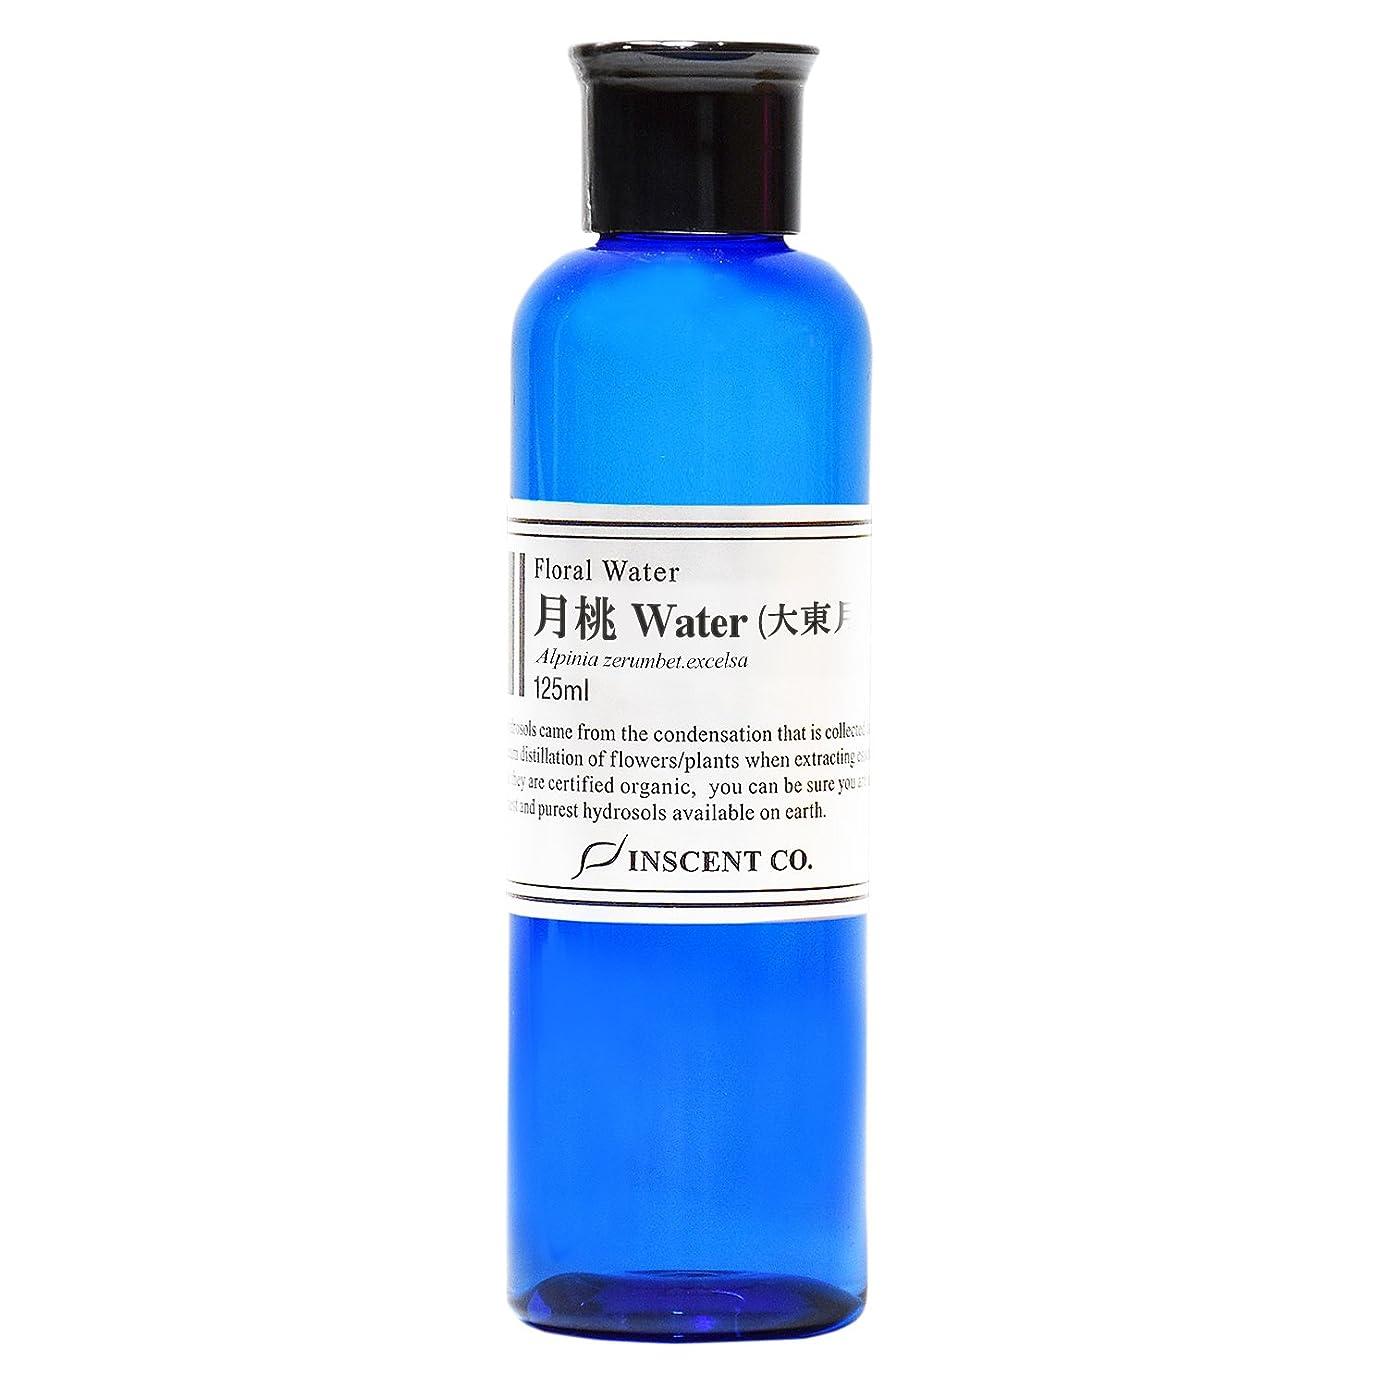 うねる豆クスコフローラルウォーター 月桃 (げっとう) ウォーター (月桃水) 125ml (ハイドロゾル/芳香蒸留水) ※月桃独特の薬草が焦げたような香りがあります。